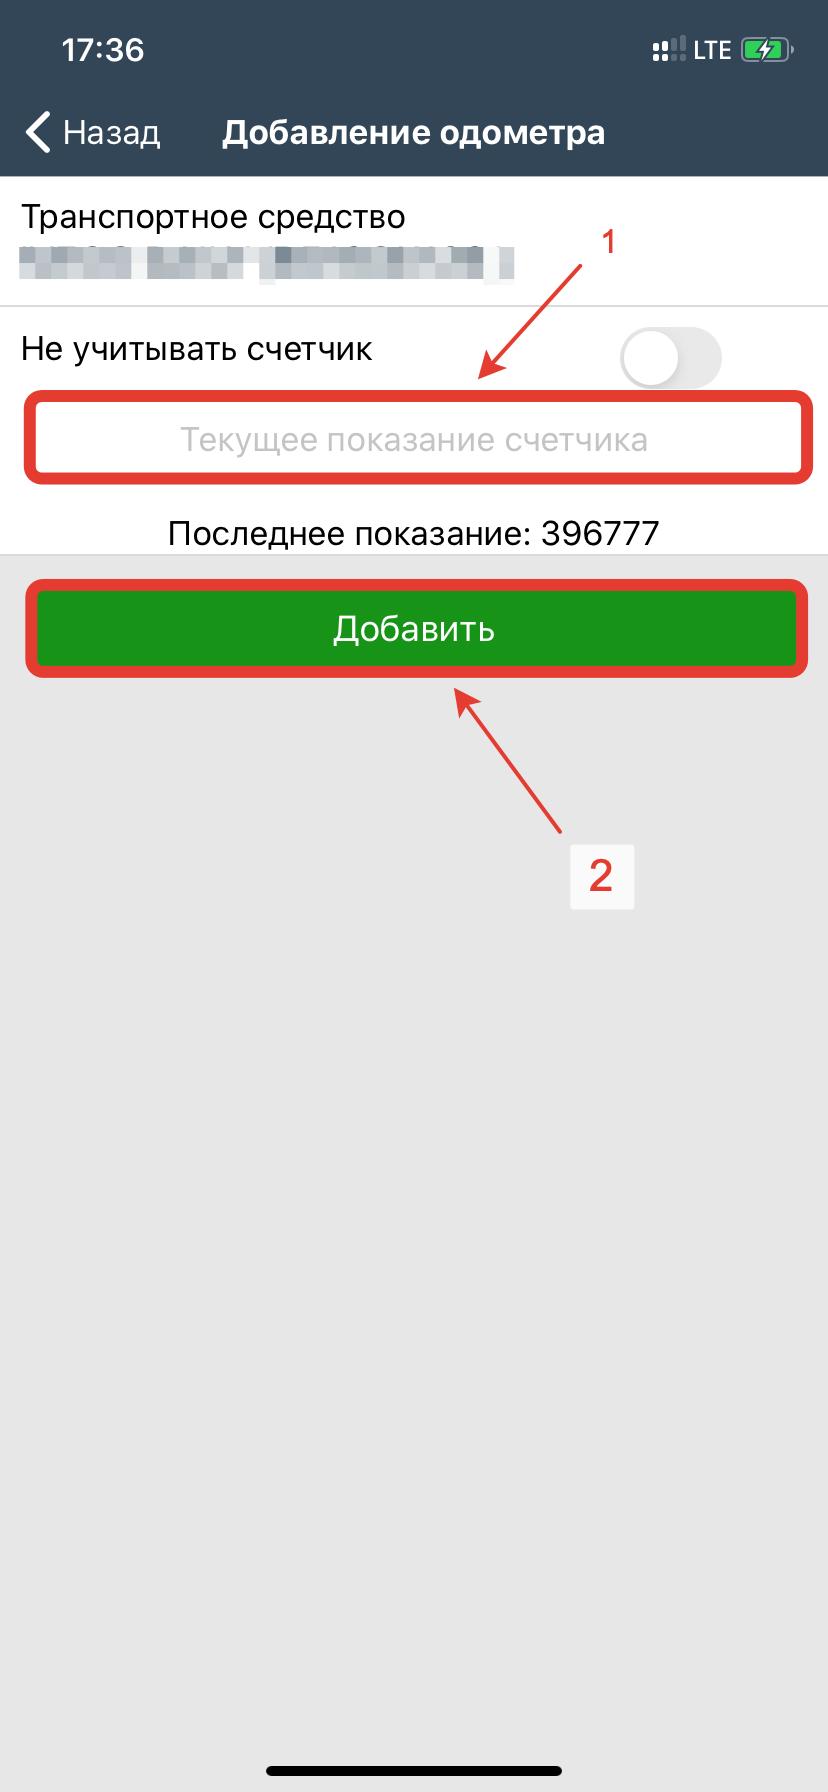 Добавление показаний одометра в мобильном приложении системы Завгар Онлайн